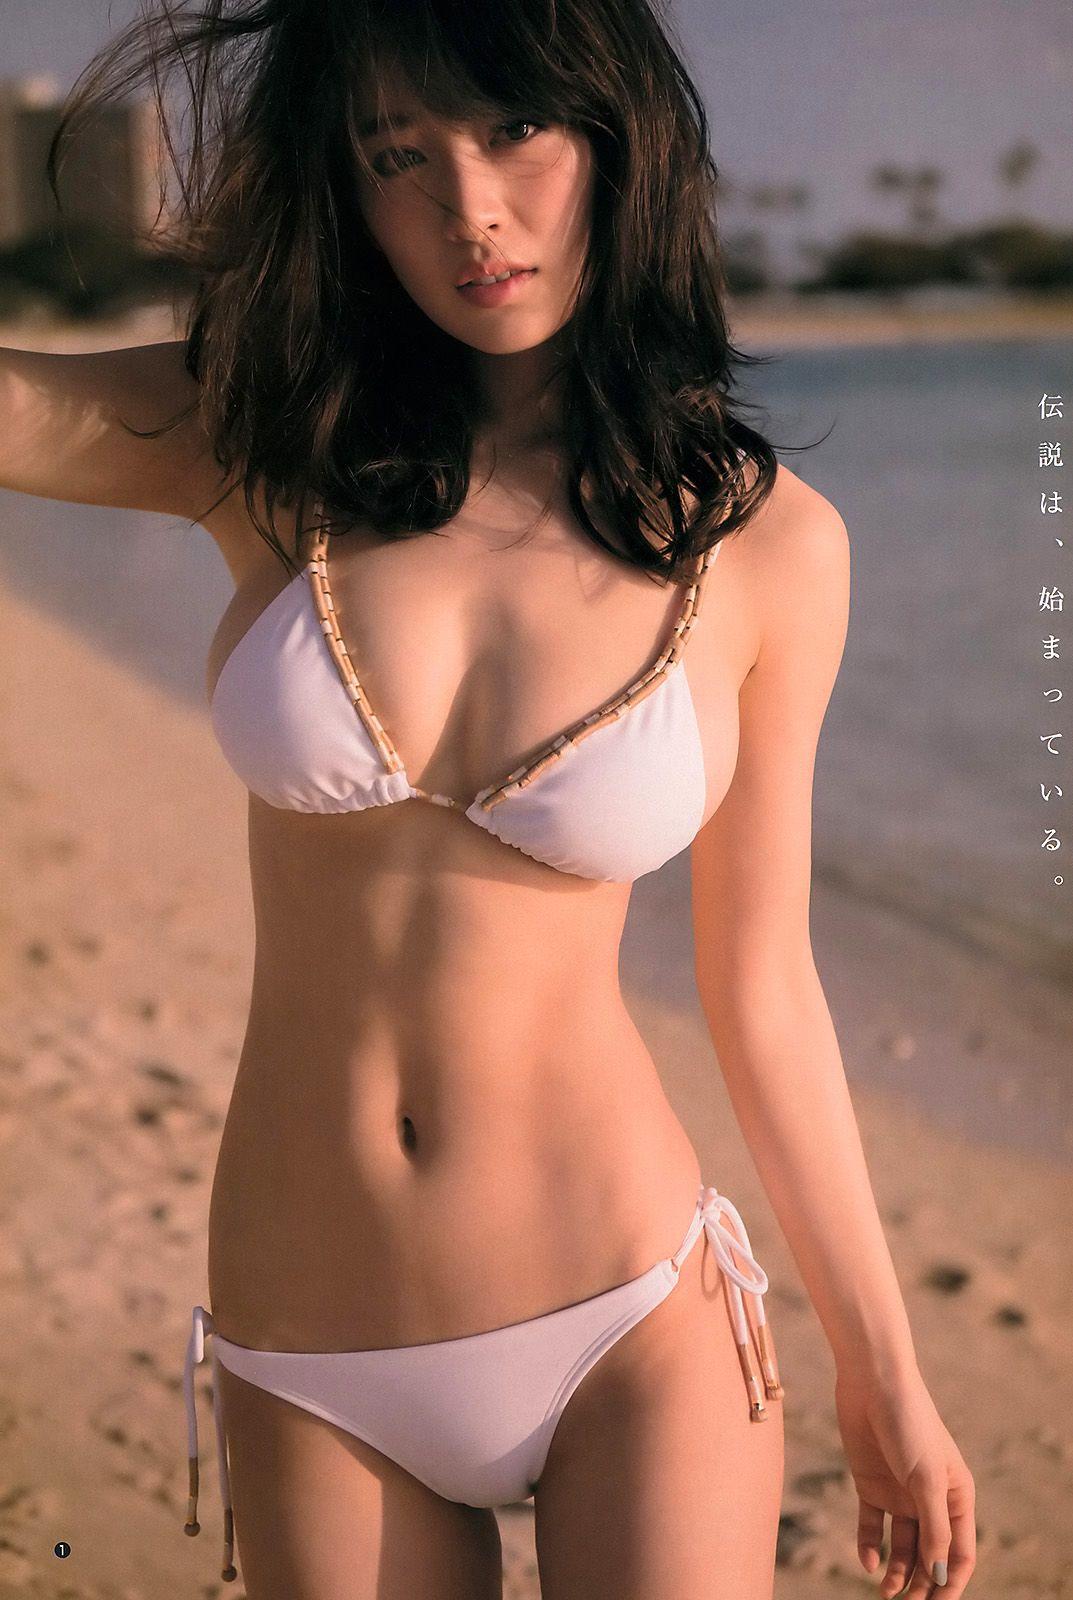 이즈미 리카 いずみりか 泉里香 Izumi Rika Young Jump 20 2017 4